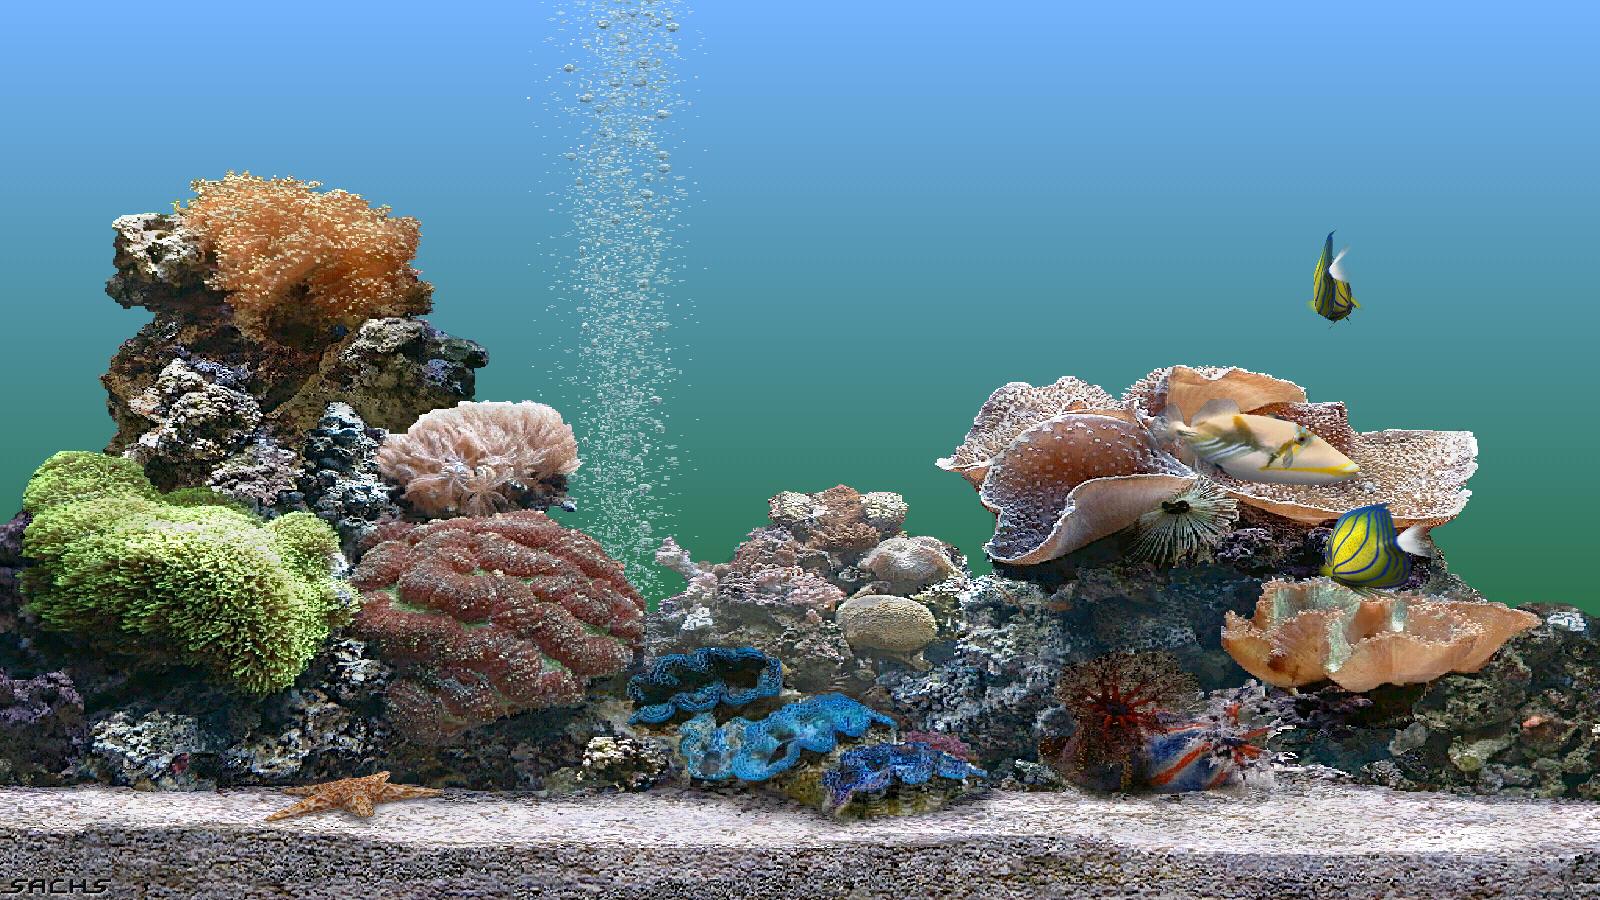 Картинки на рабочий стол рыбки живые они двигаются